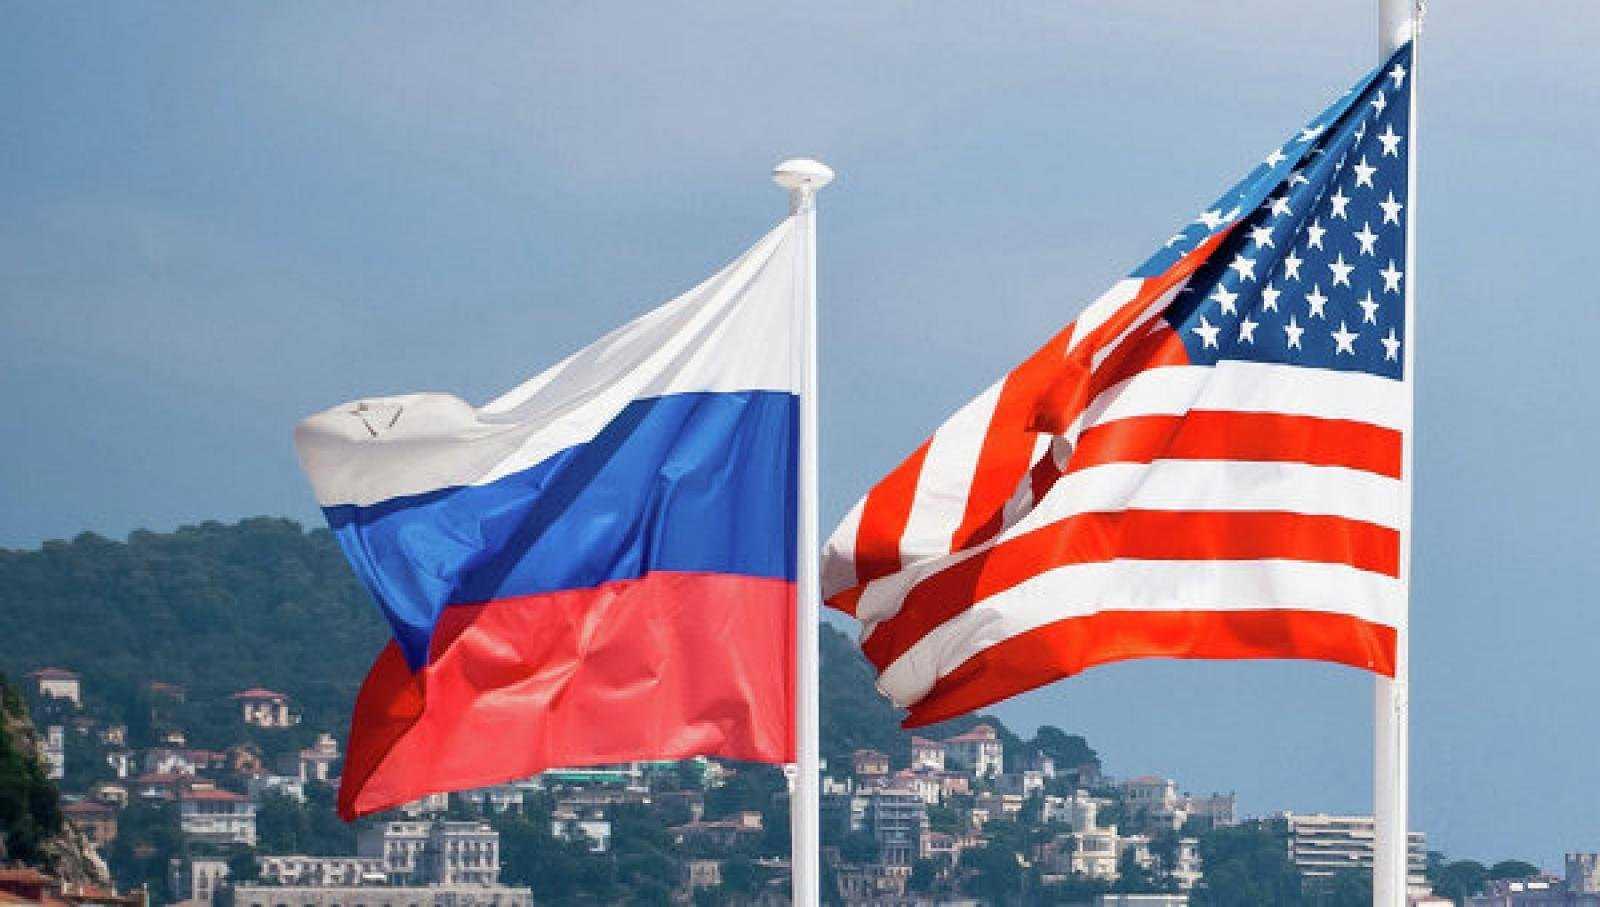 Американцы придумали способ перекрыть России доступ к Атлантическому океану